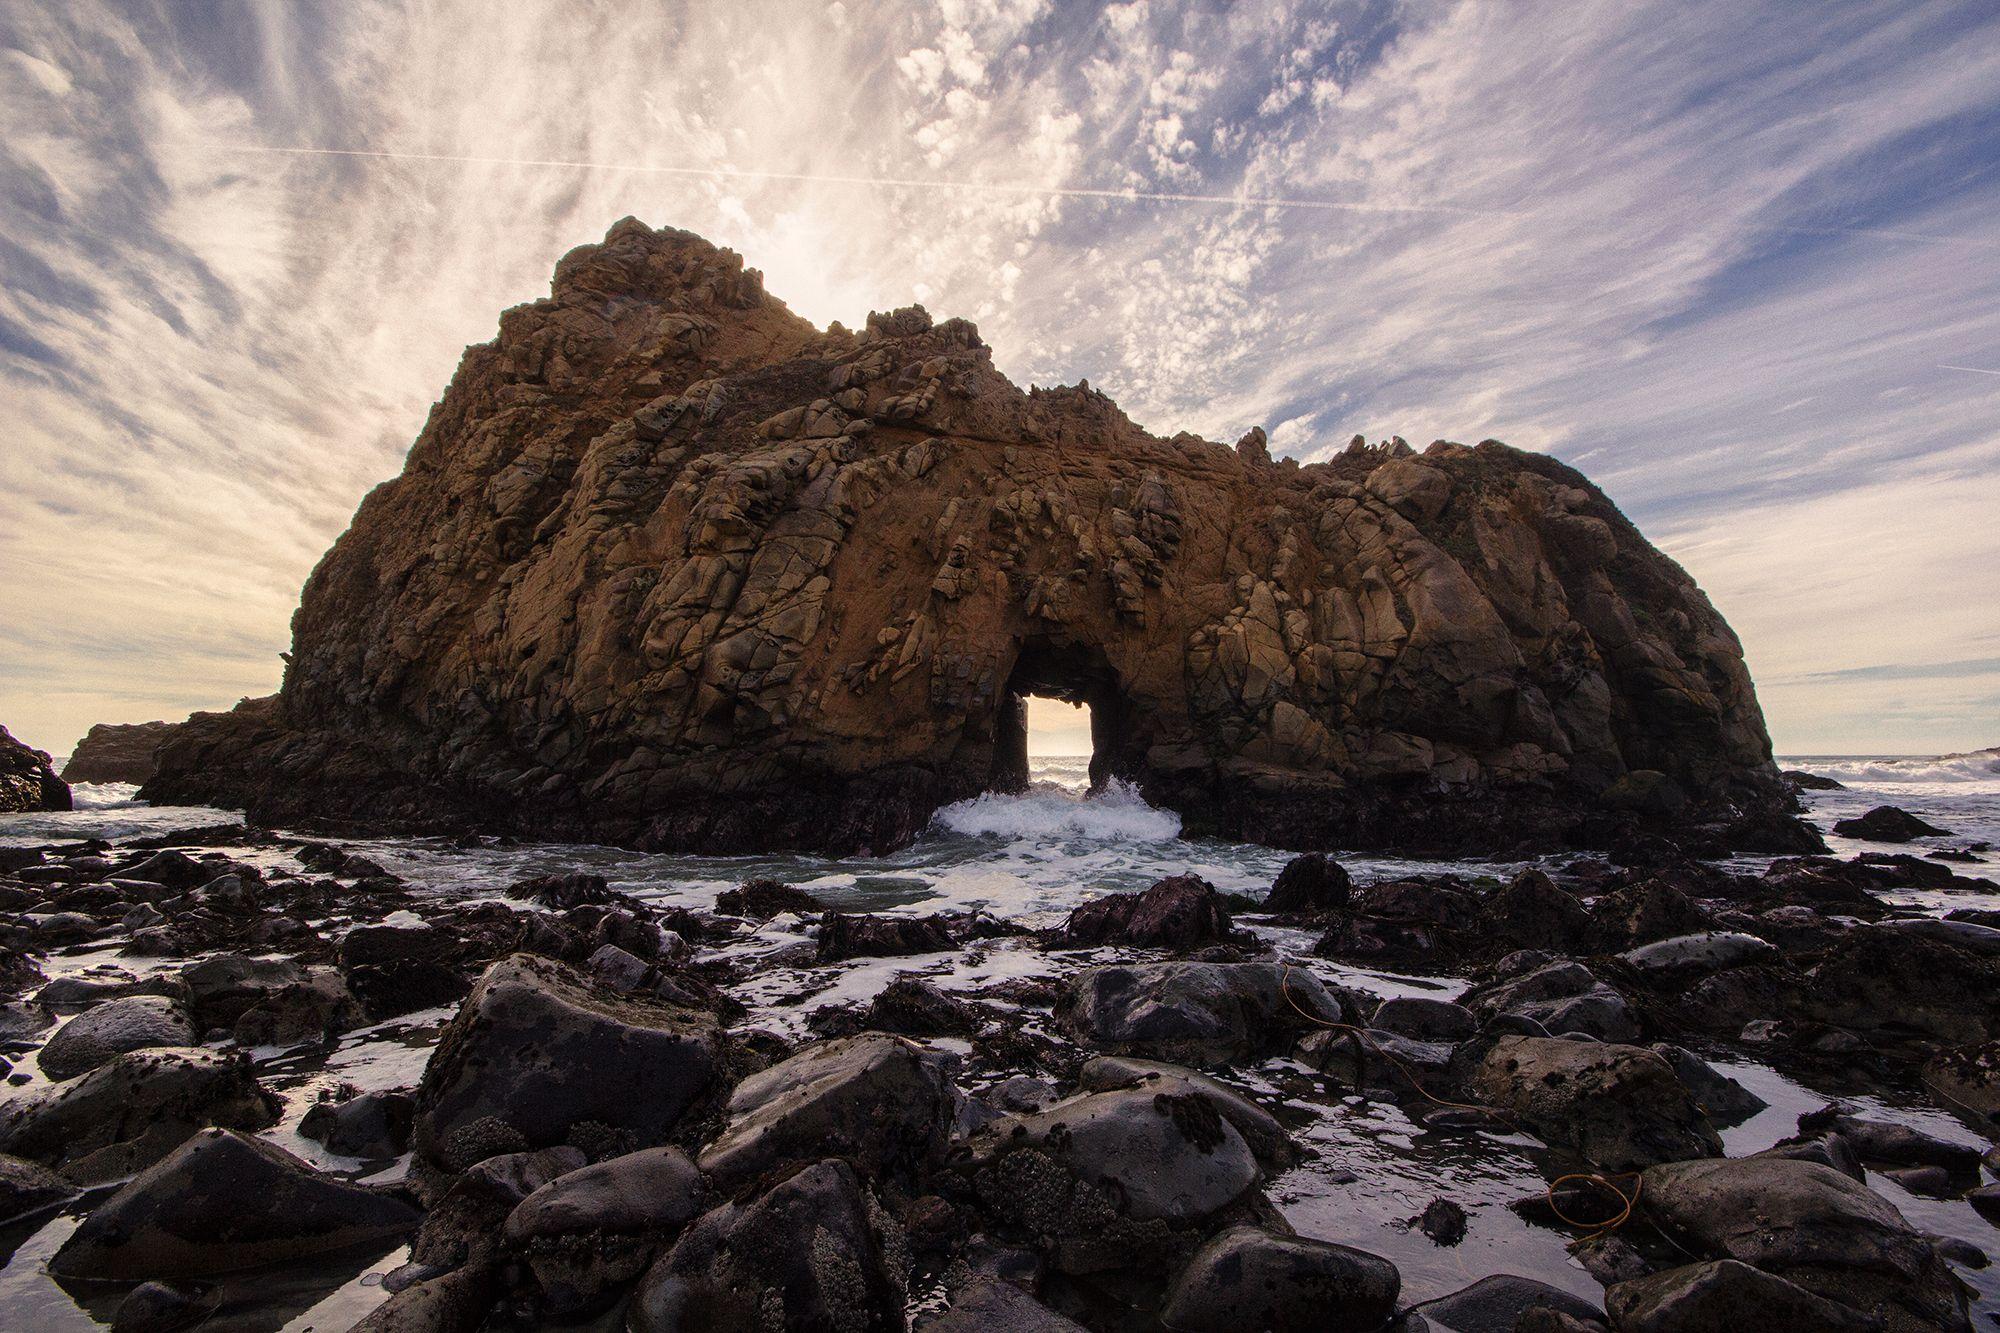 Waves roll through a rock formation at Pfeiffer Beach  Big Sur Coastline California [20001333] [OC] #reddit